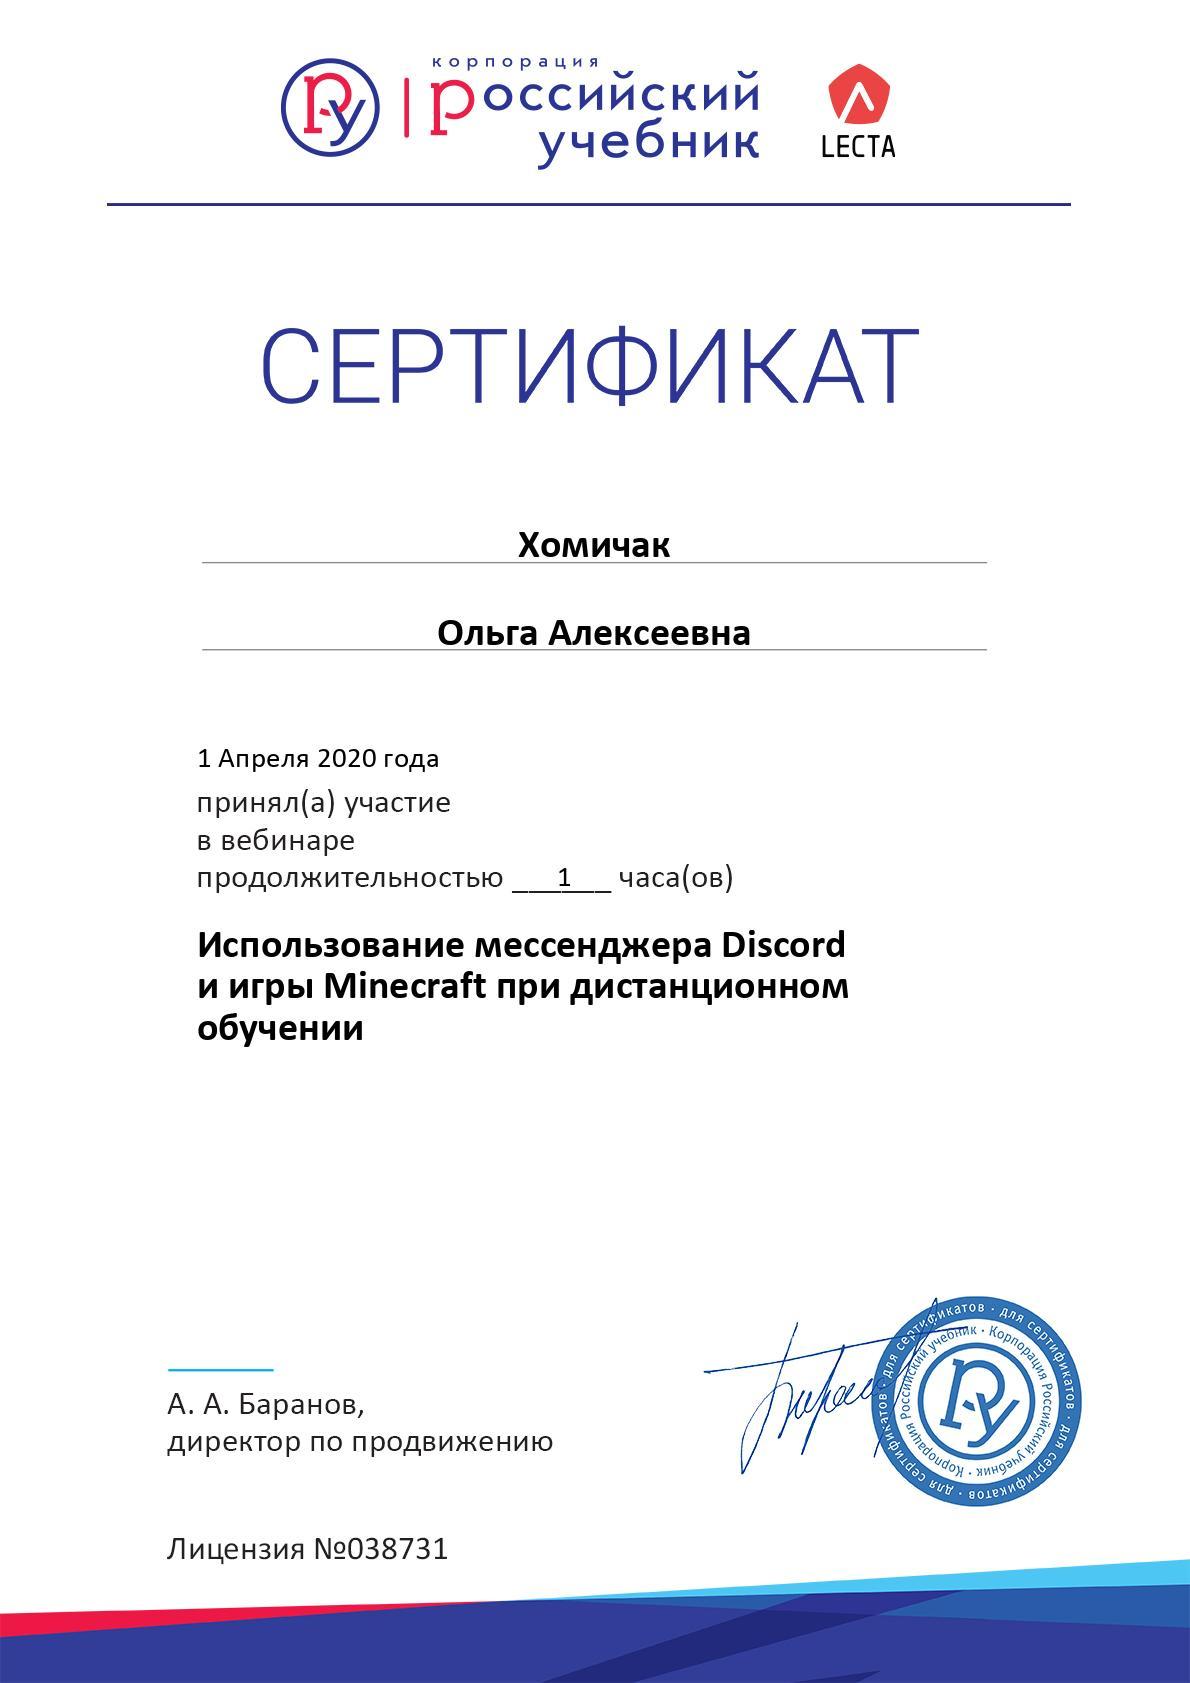 Certificate_5907101